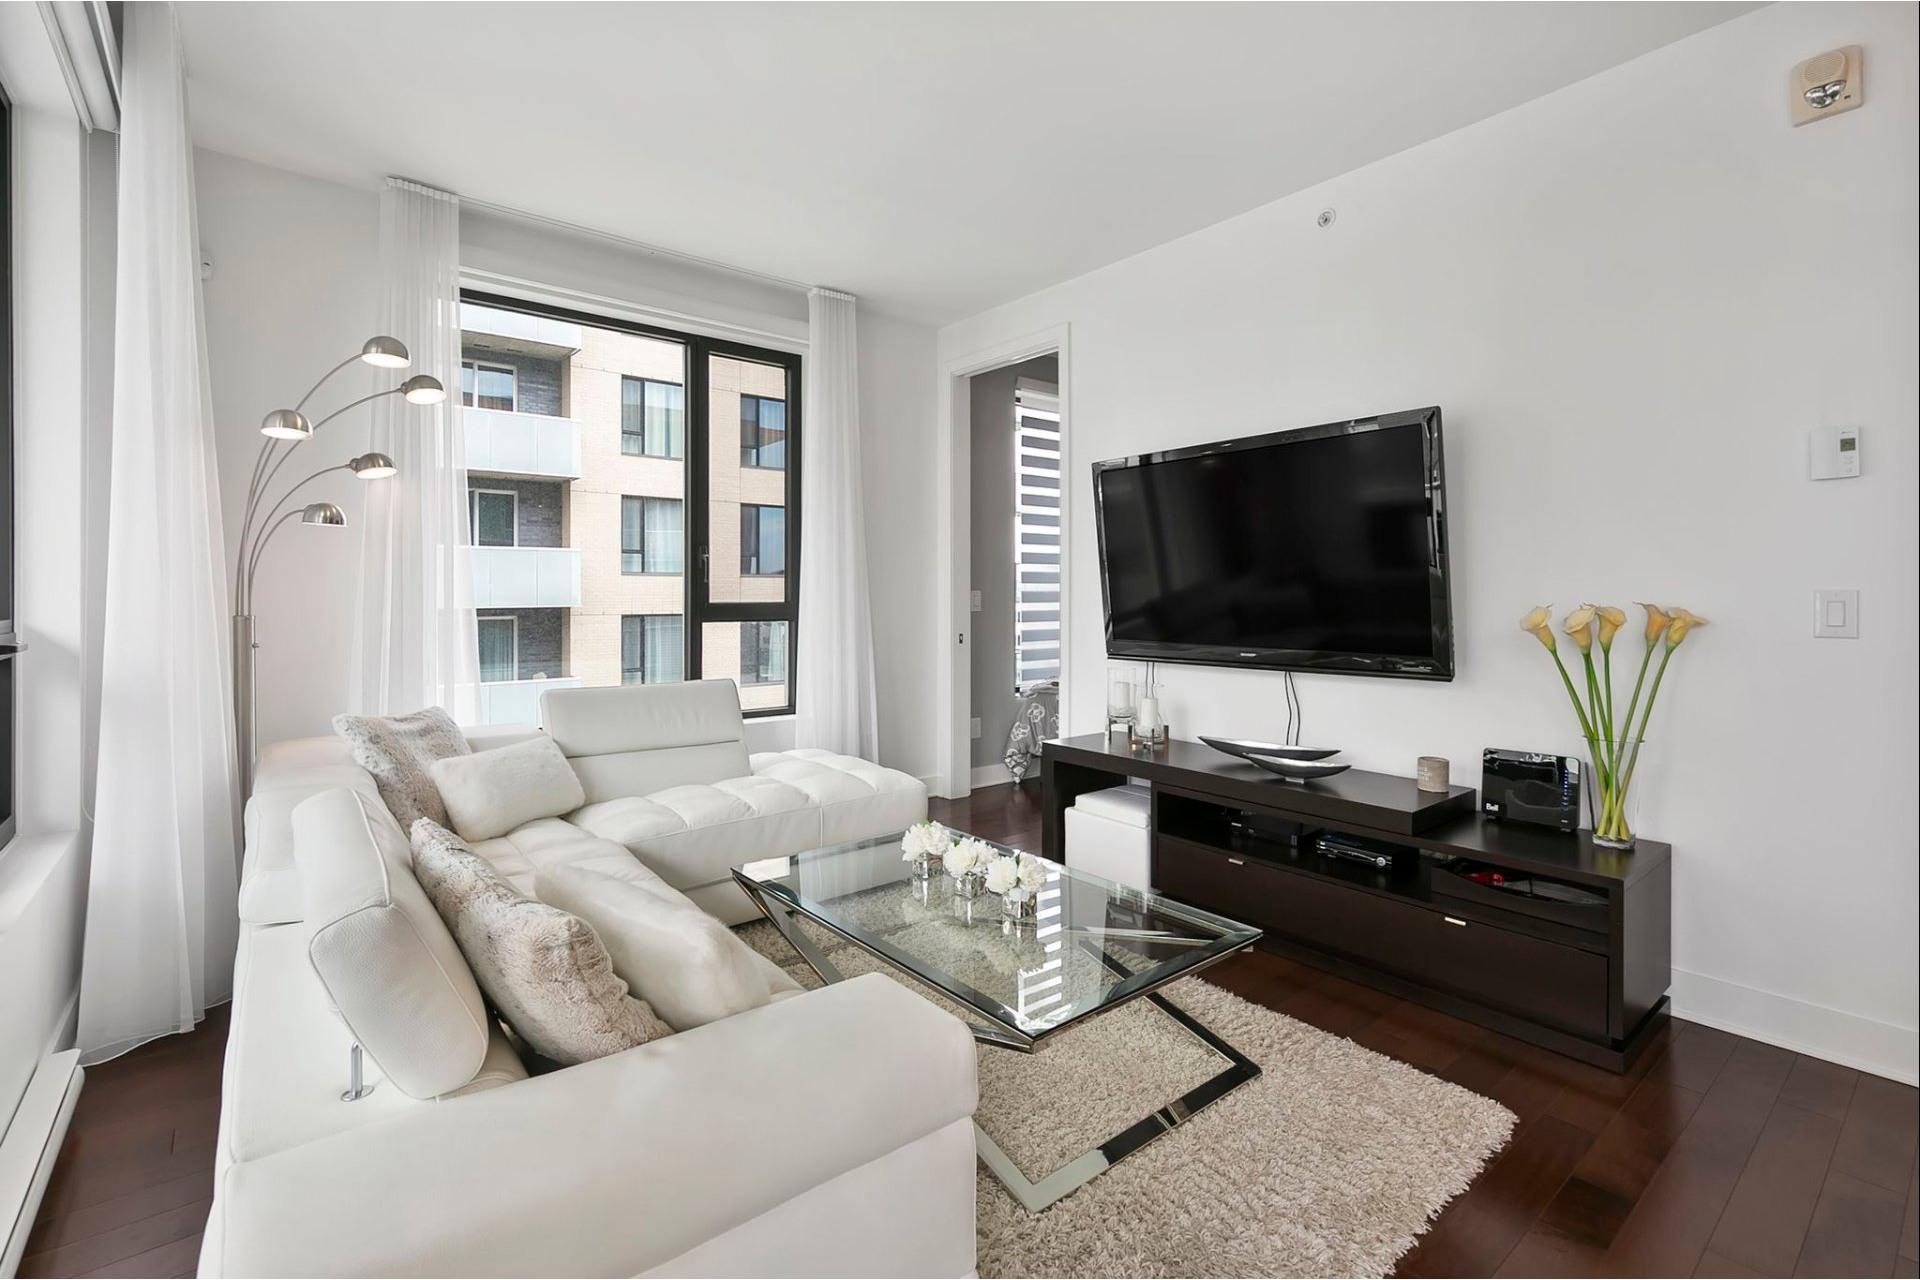 image 10 - Apartment For sale Côte-des-Neiges/Notre-Dame-de-Grâce Montréal  - 8 rooms